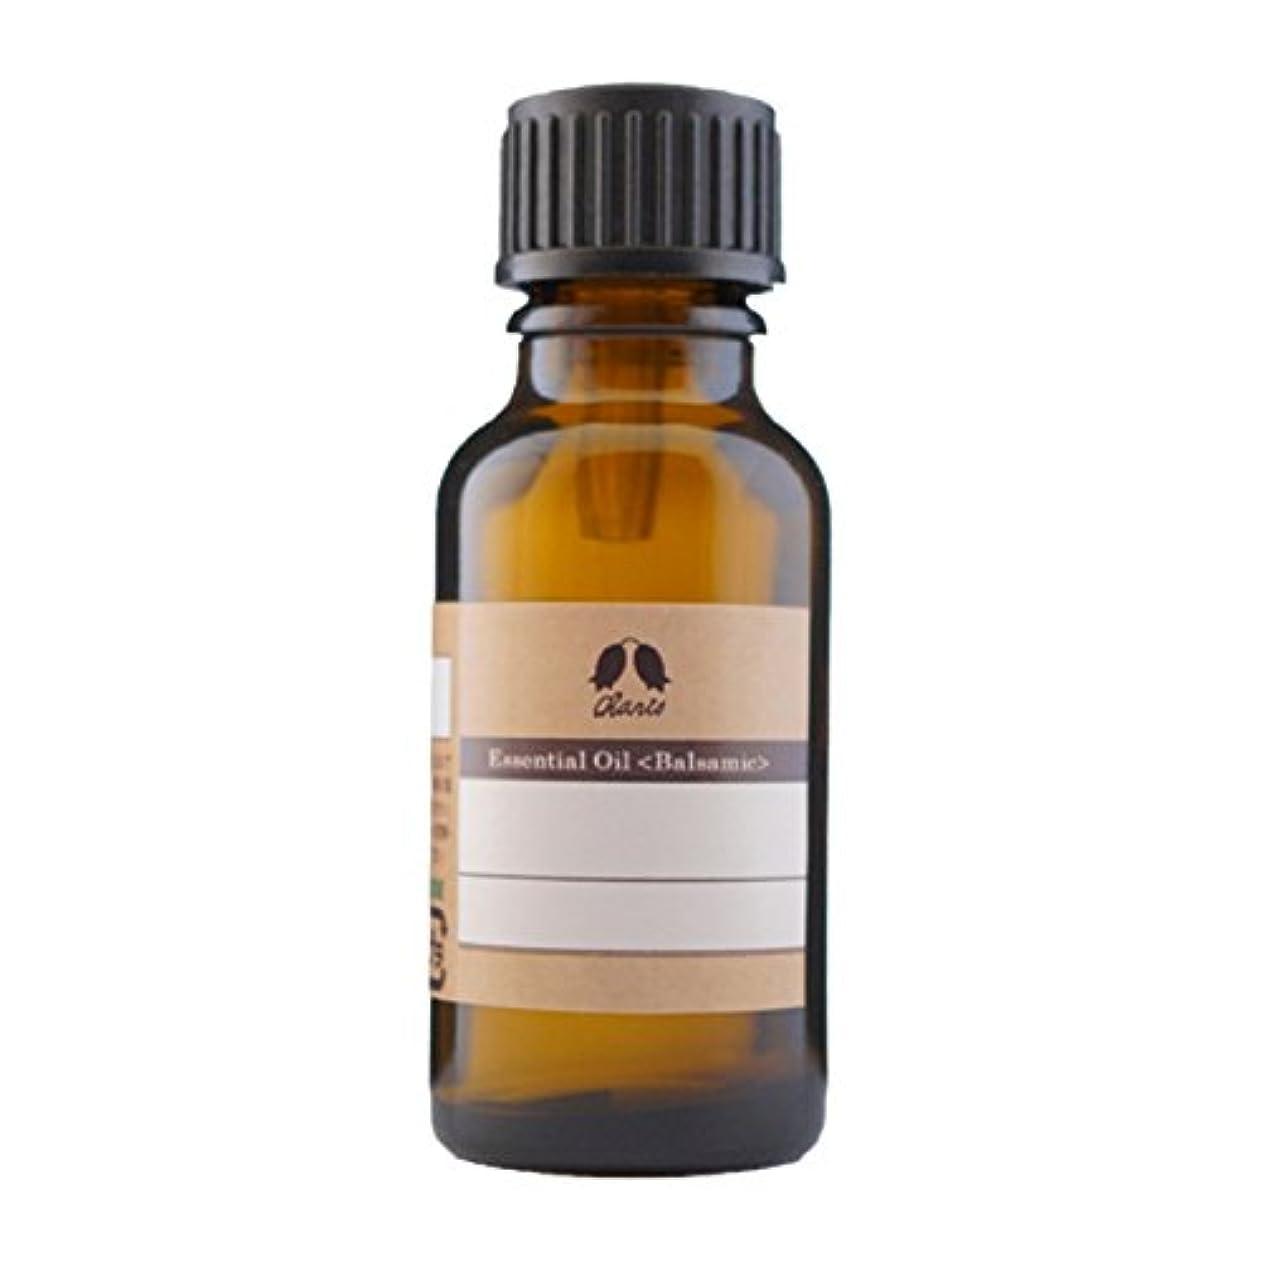 適格フラフープラフレシアアルノルディジュニバーベリー Organic 20ml